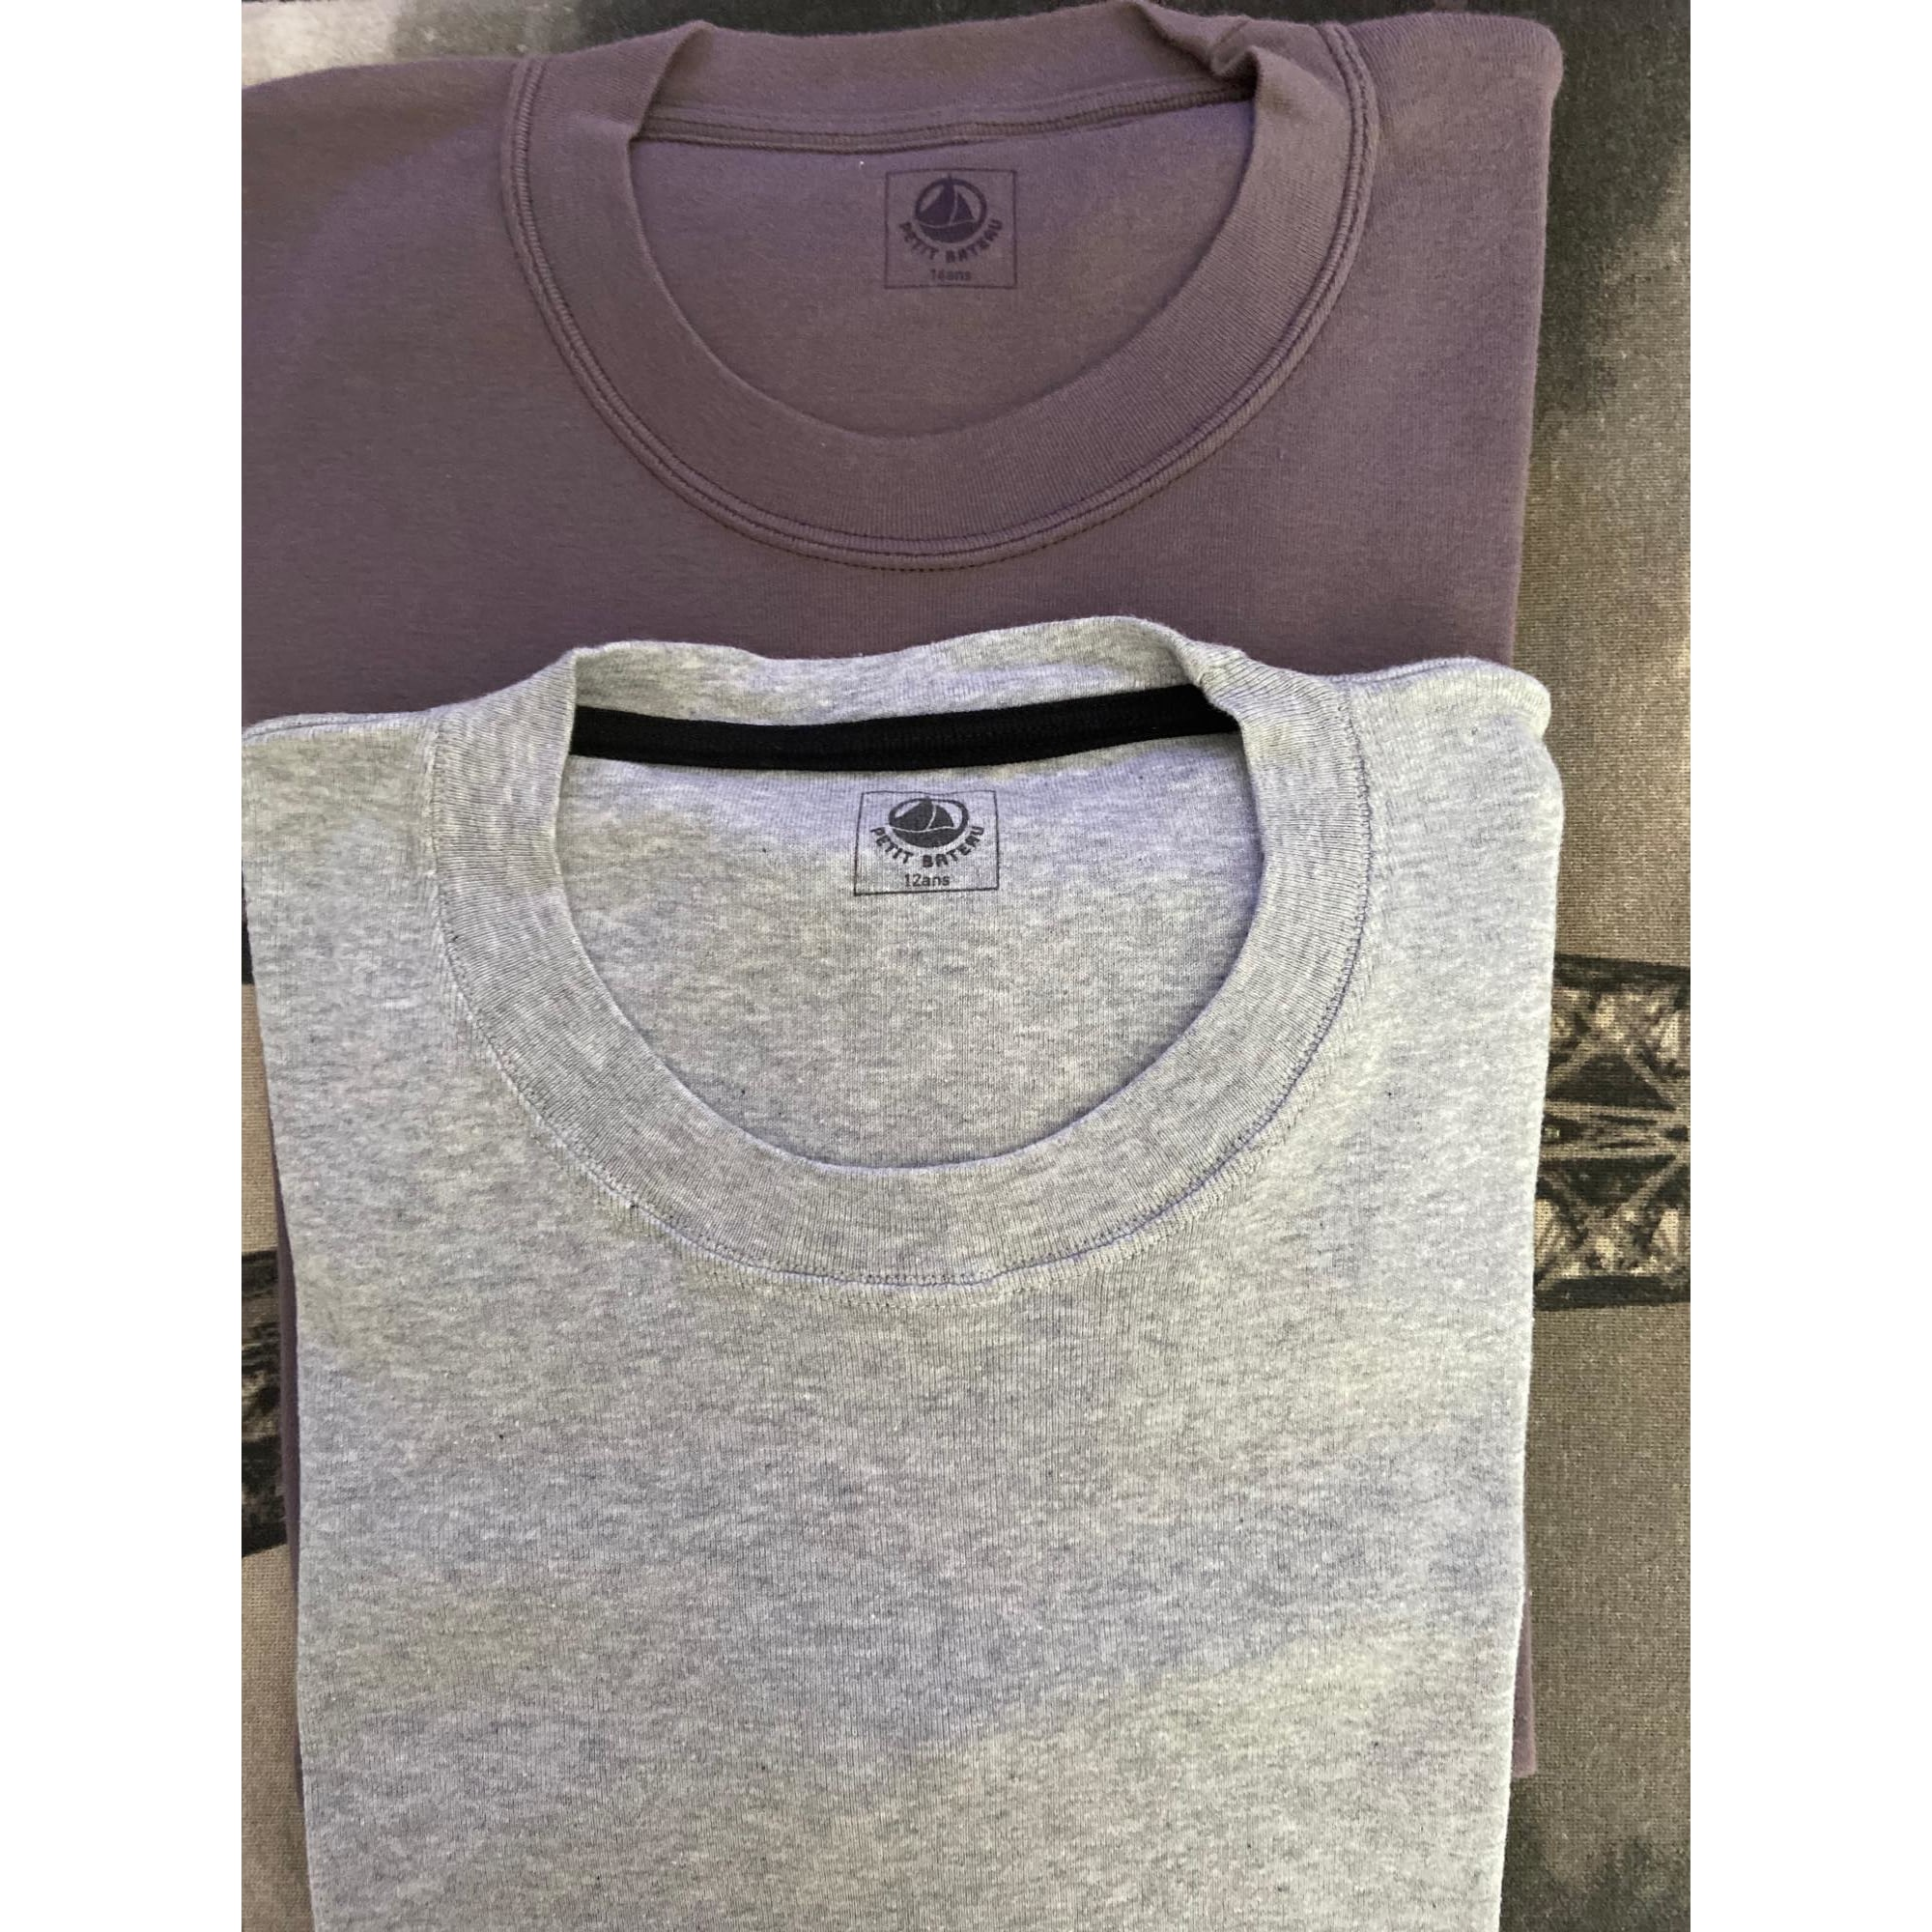 Tee-shirt PETIT BATEAU Gris, anthracite